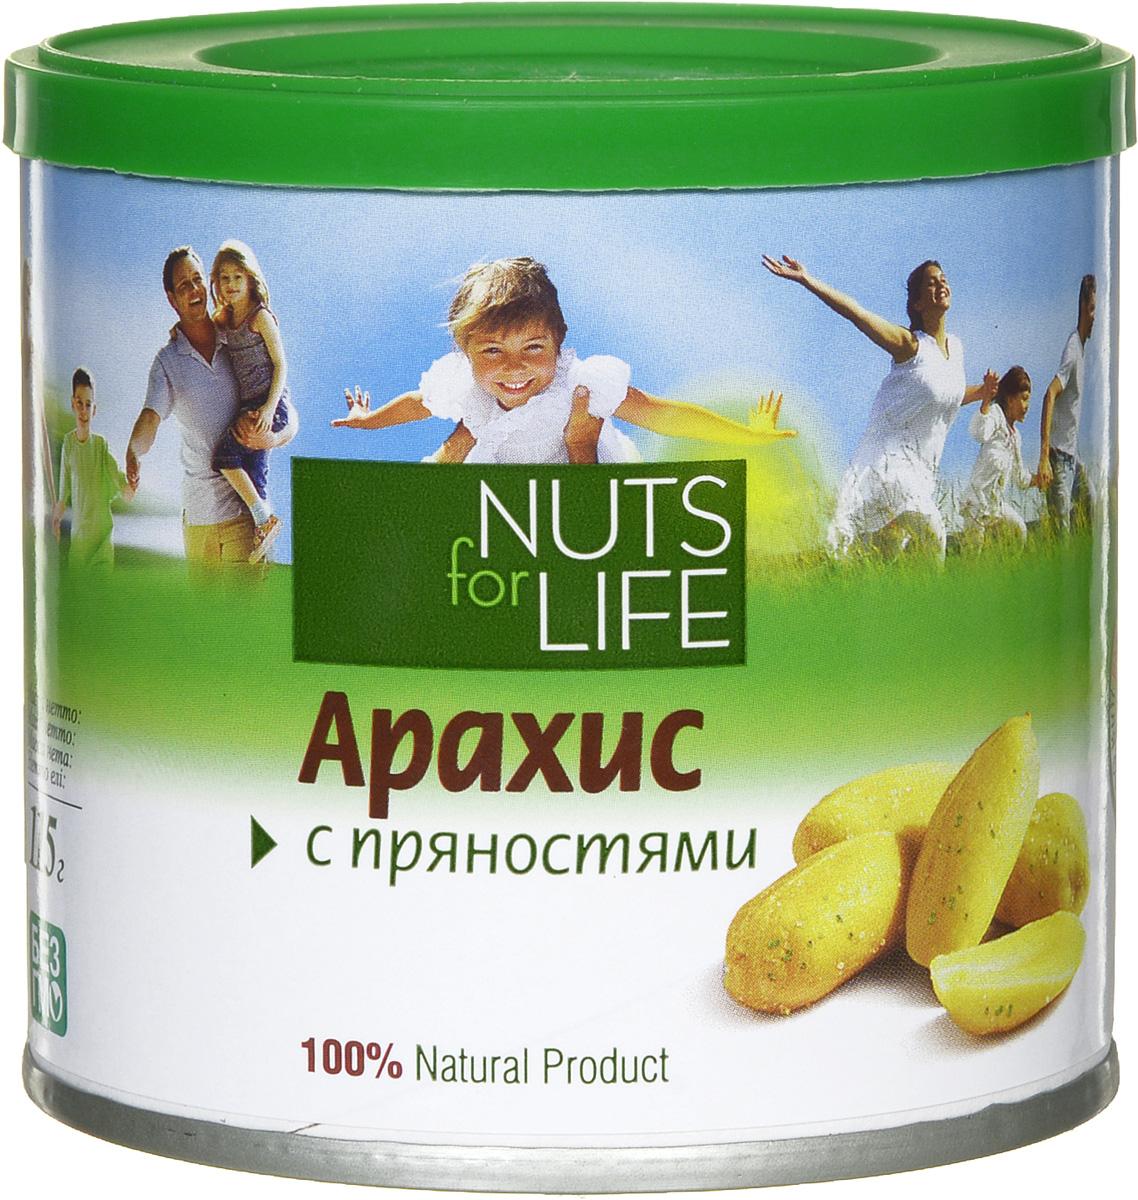 Nuts for Life Арахис обжаренный соленый с пряностями, 115 г0120710Арахис укрепляет сердце и снижает количество холестерина в крови. Чудесный букет натуральных пряностей придаст этому ореху неповторимую изюминку, и вам он непременно понравится!